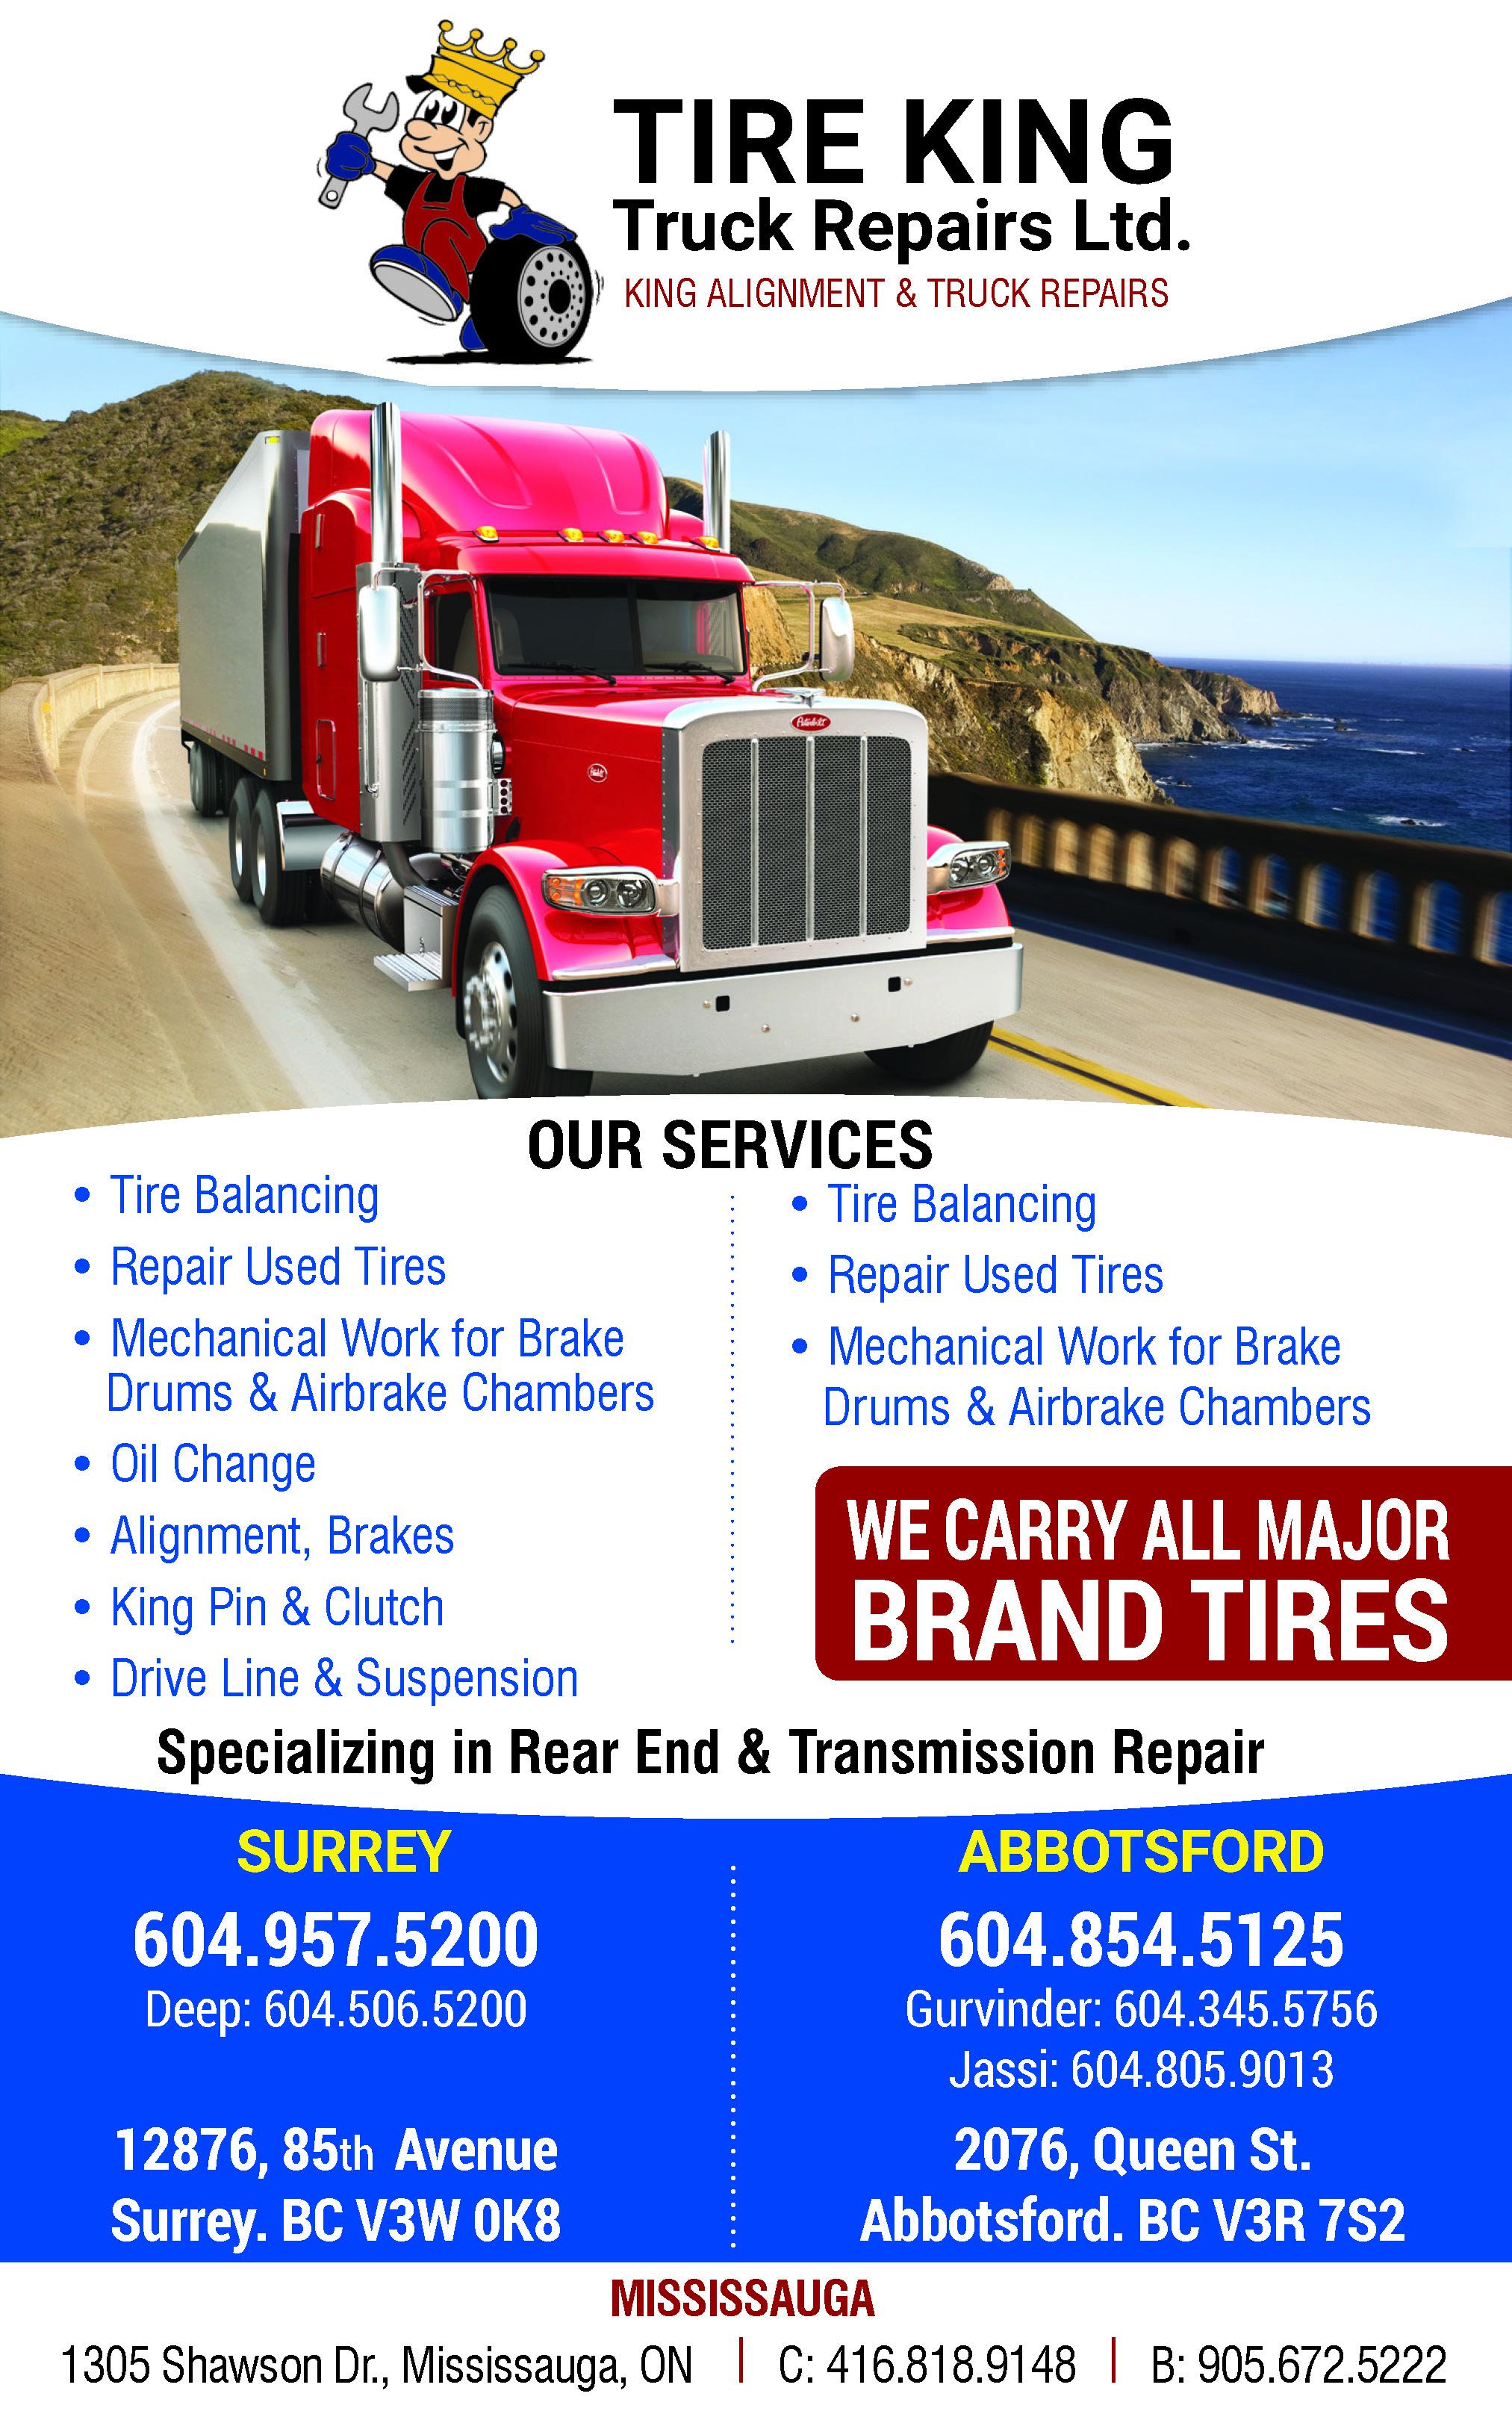 tire-king-truck-repairs-ltd-Foq8ofh.jpeg